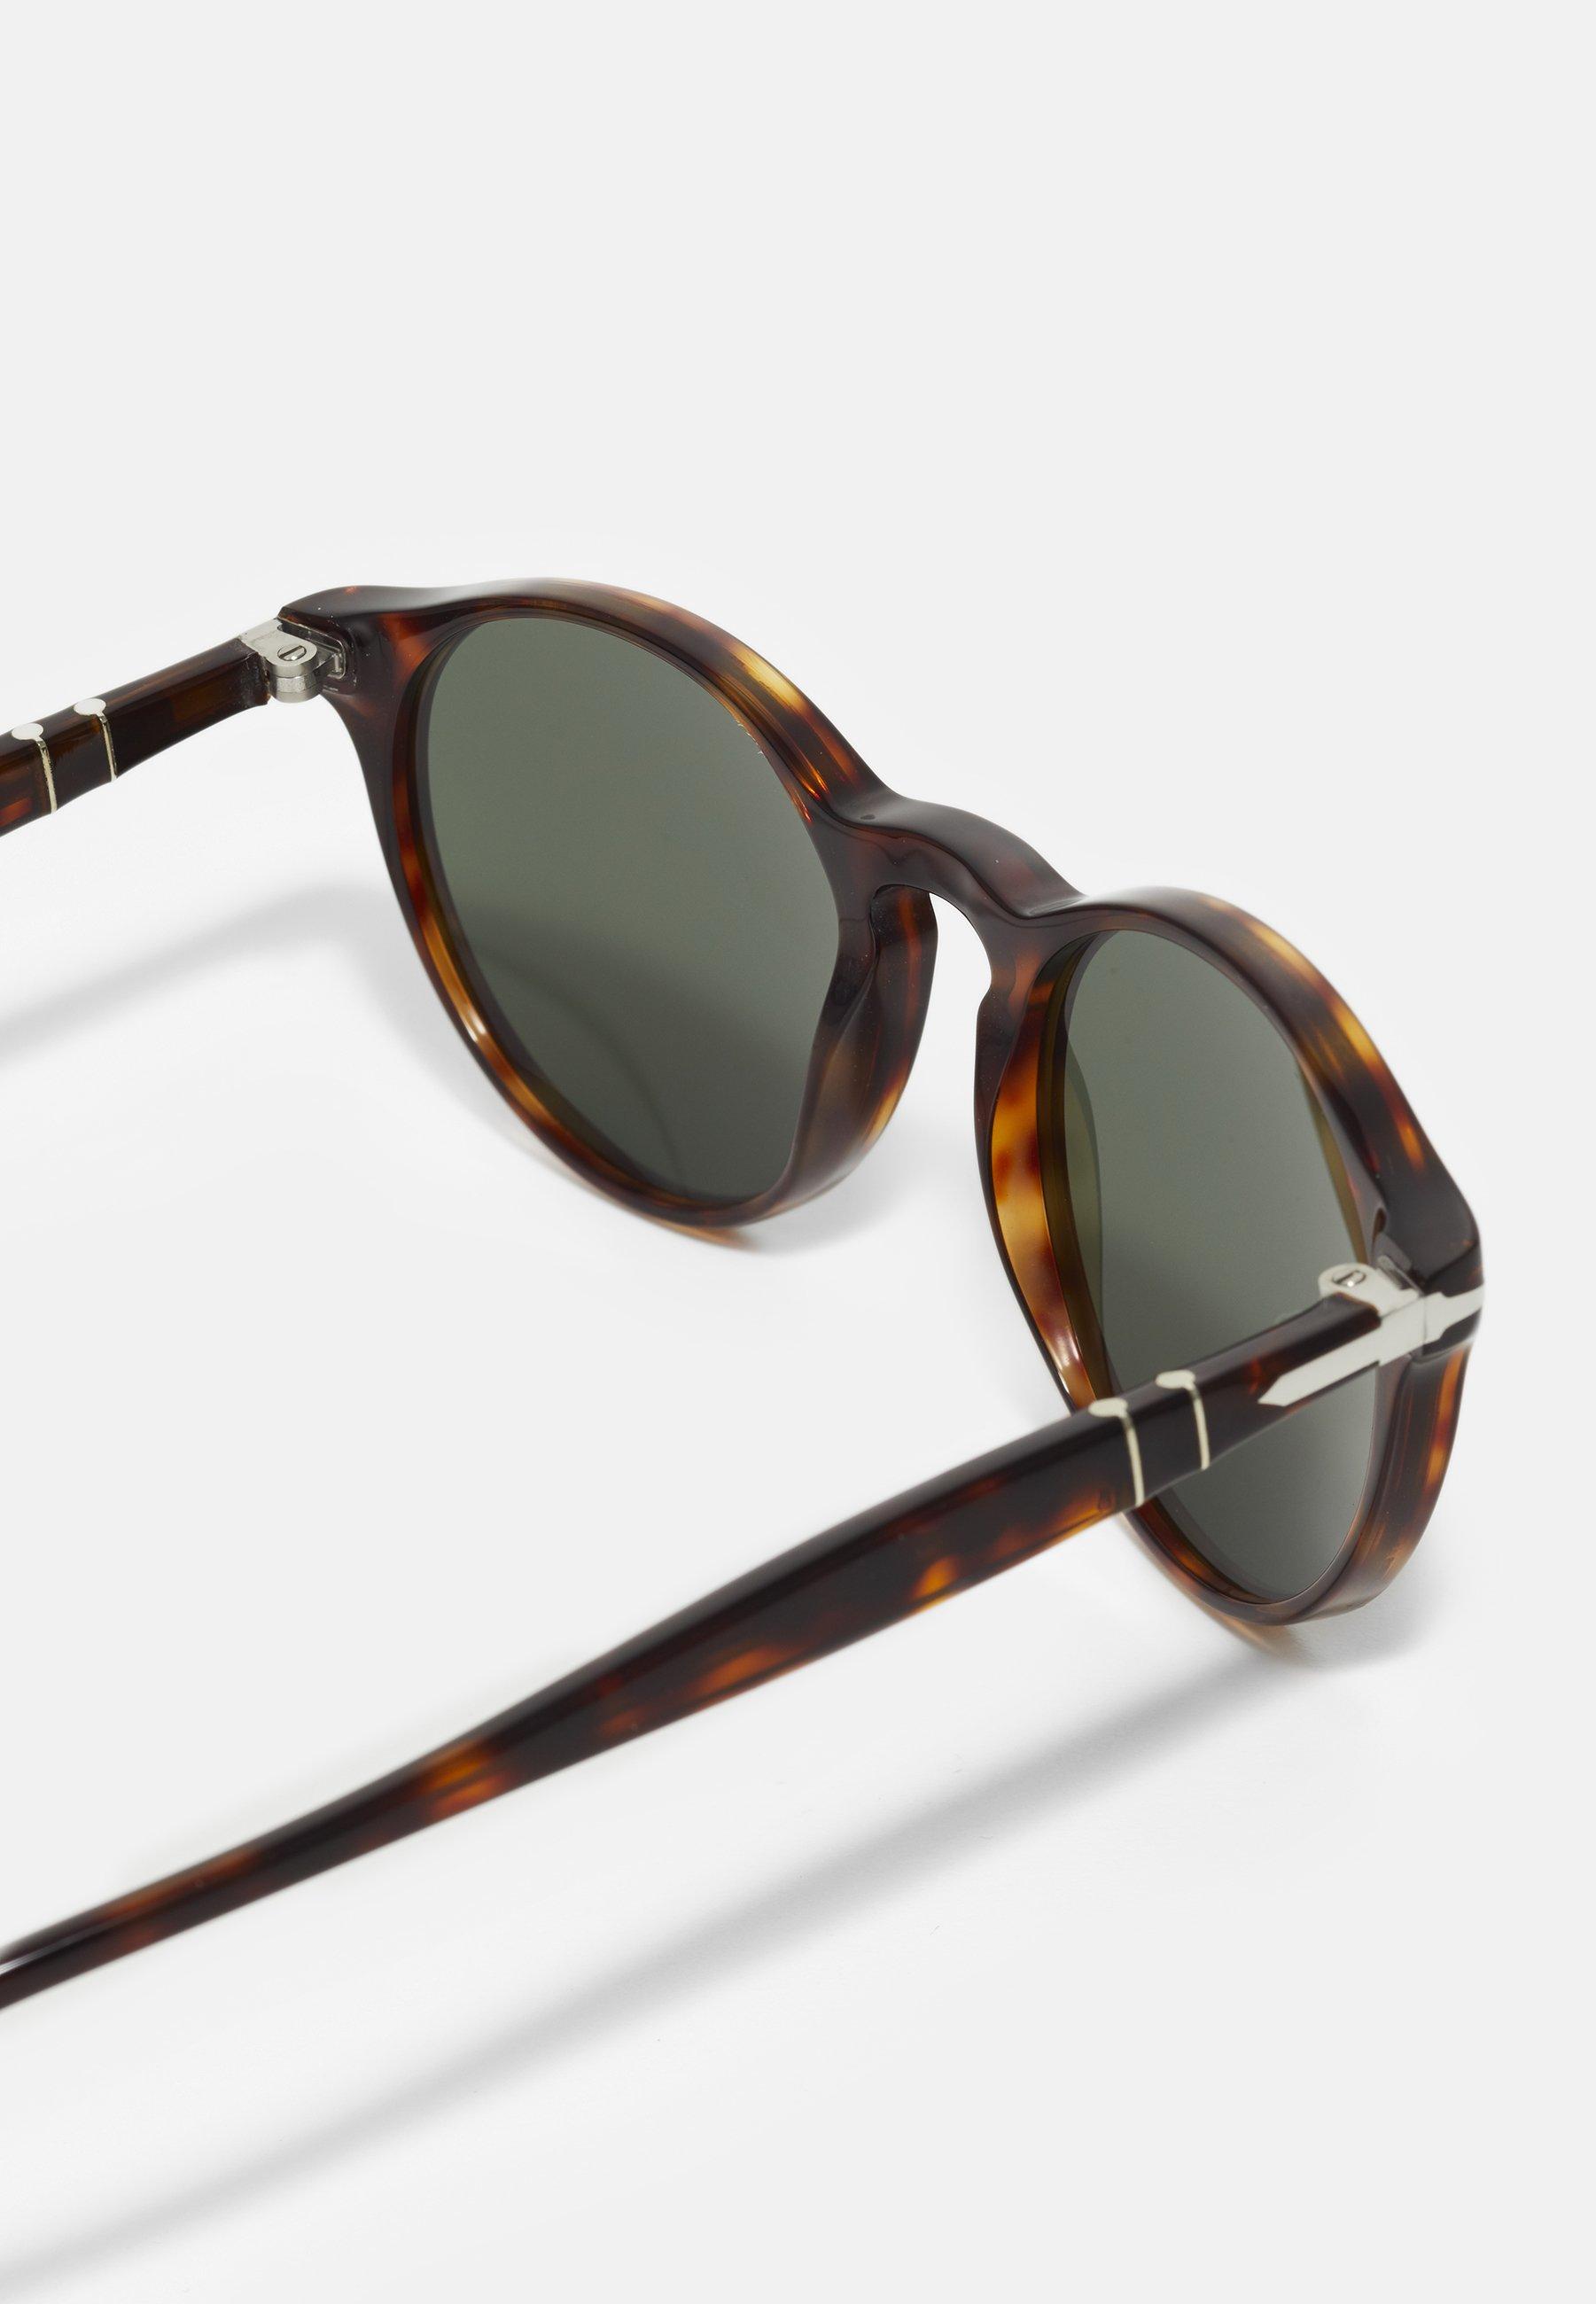 Excellent Outlet Persol Sunglasses - havana | men's accessories 2020 ZjtvP